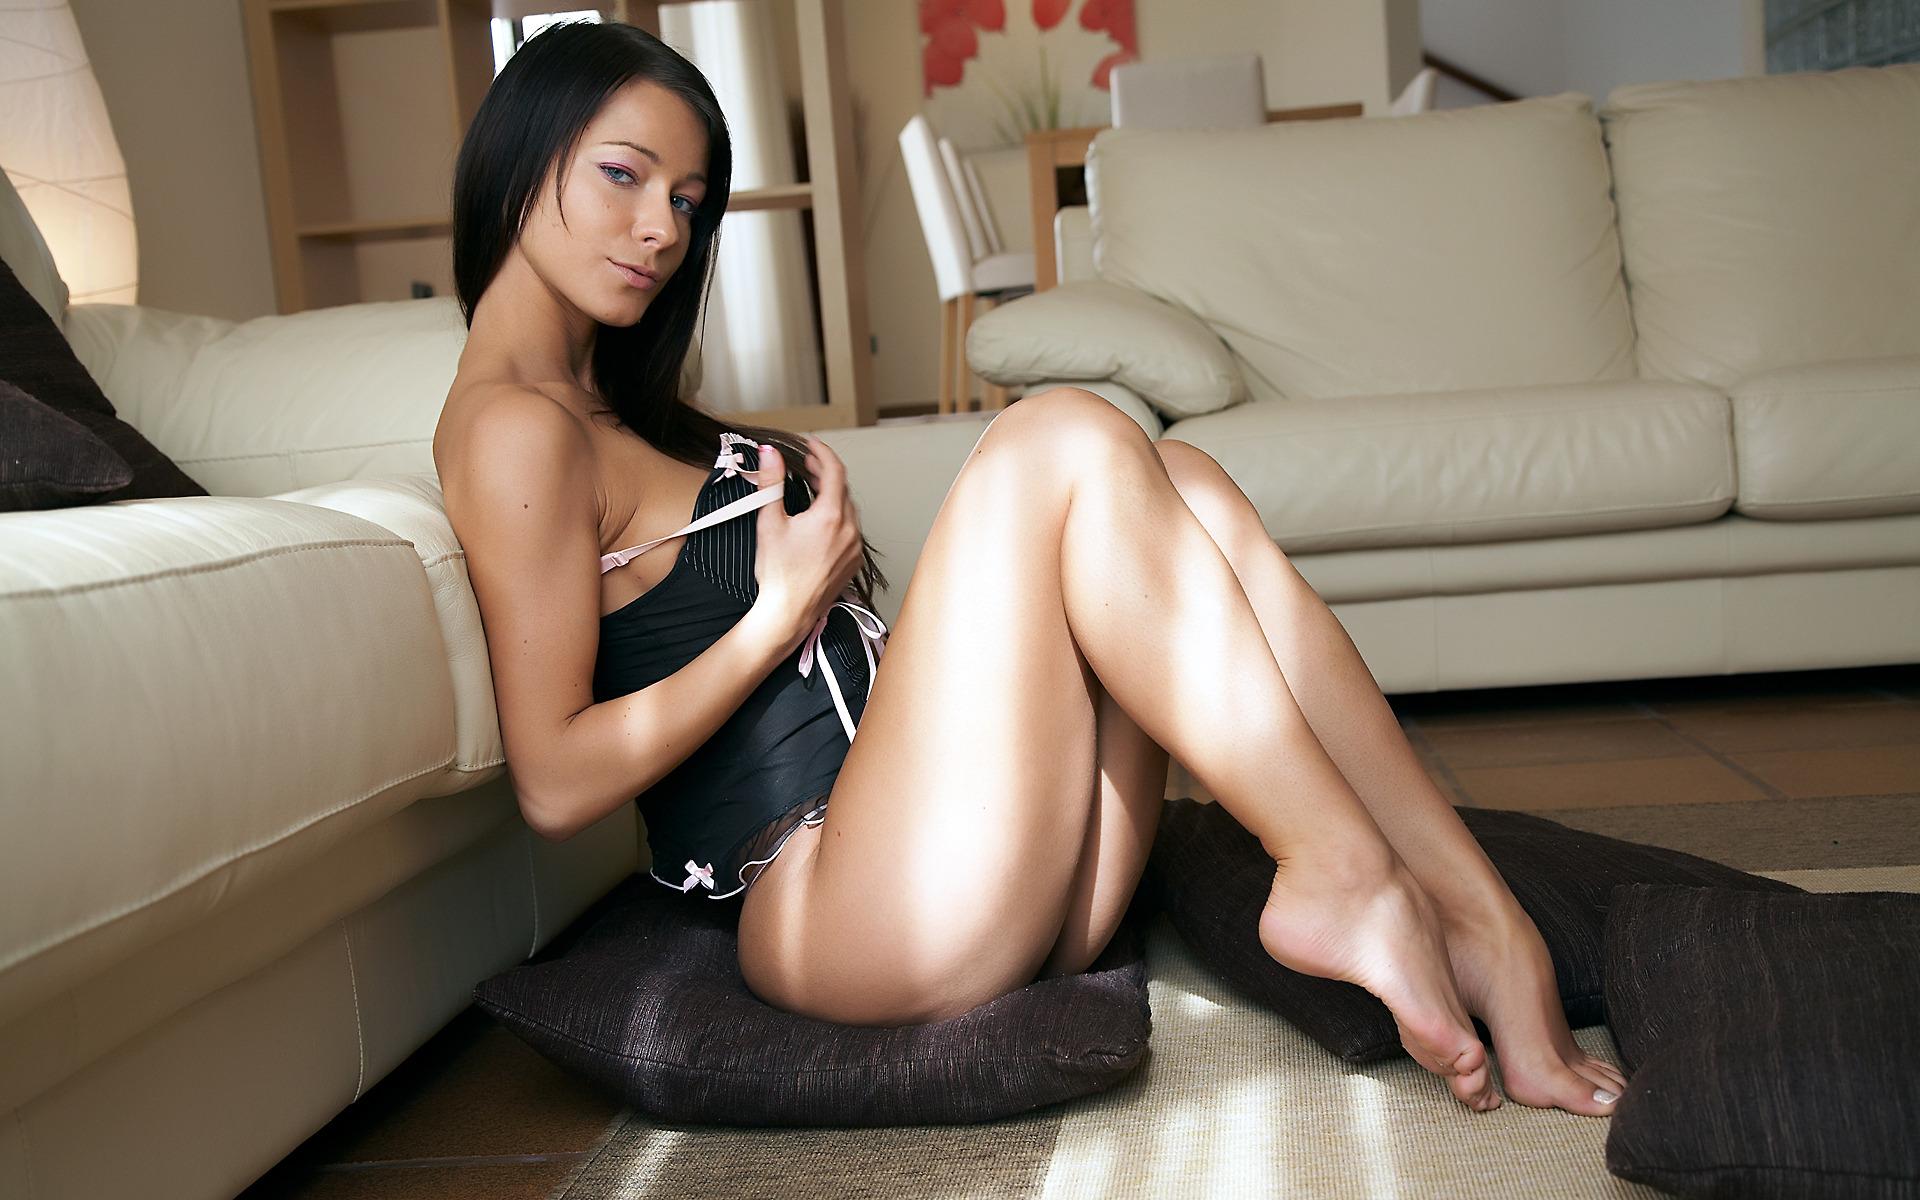 Широко раздвигает ножки гладит киску, Широко раздвинула ноги соло - видео 22 фотография